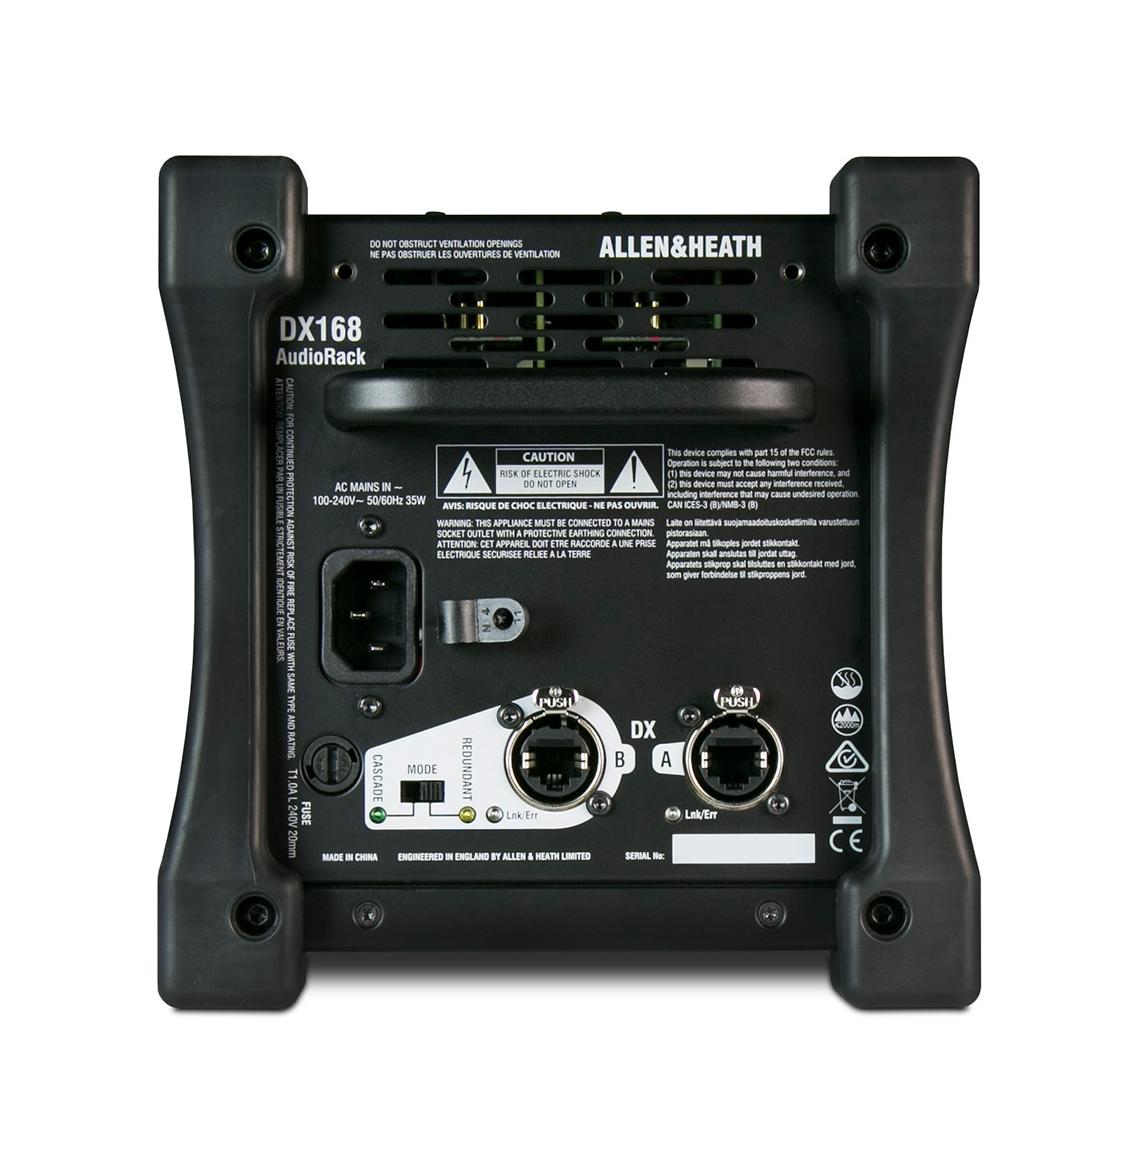 16 XLR Input / 8 XLR Output Portable DX Expander